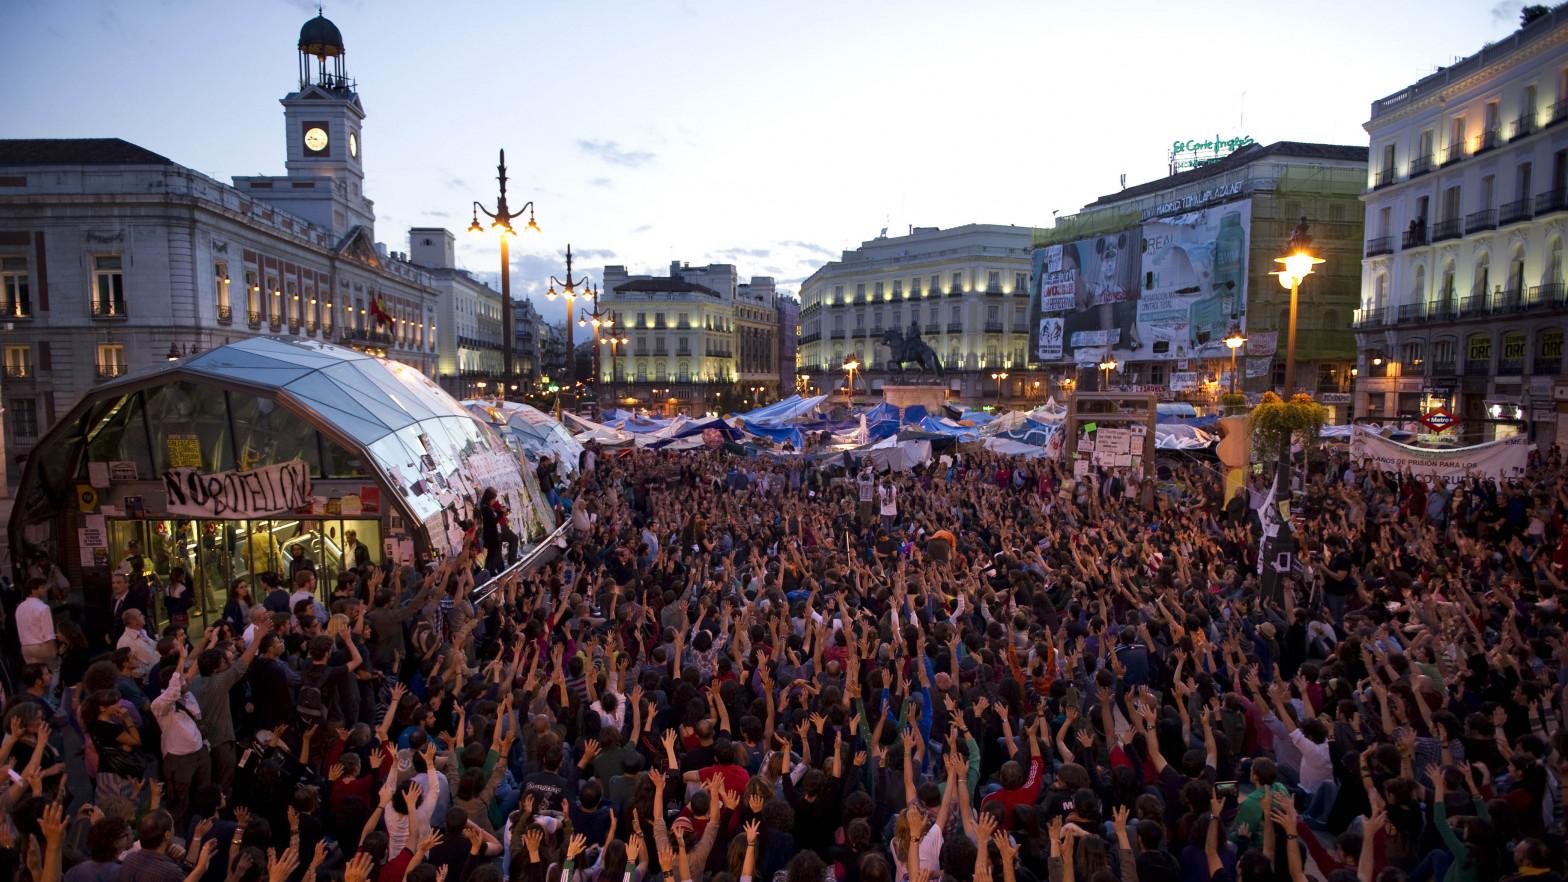 Diez años del 15-M en la Puerta del Sol, en imágenes